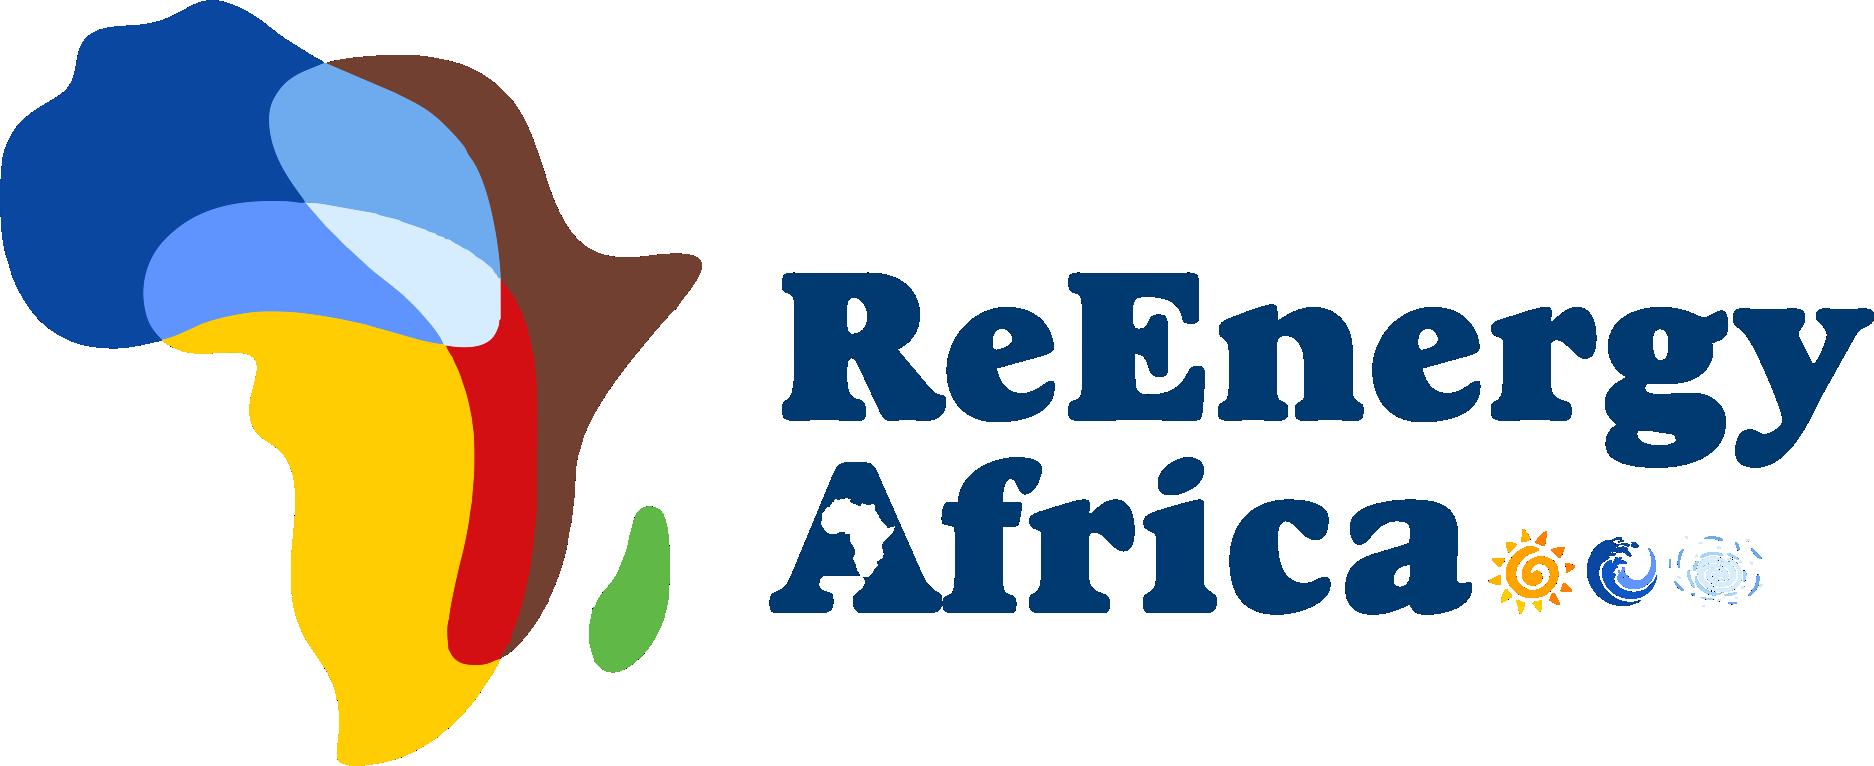 Reenergy Africa